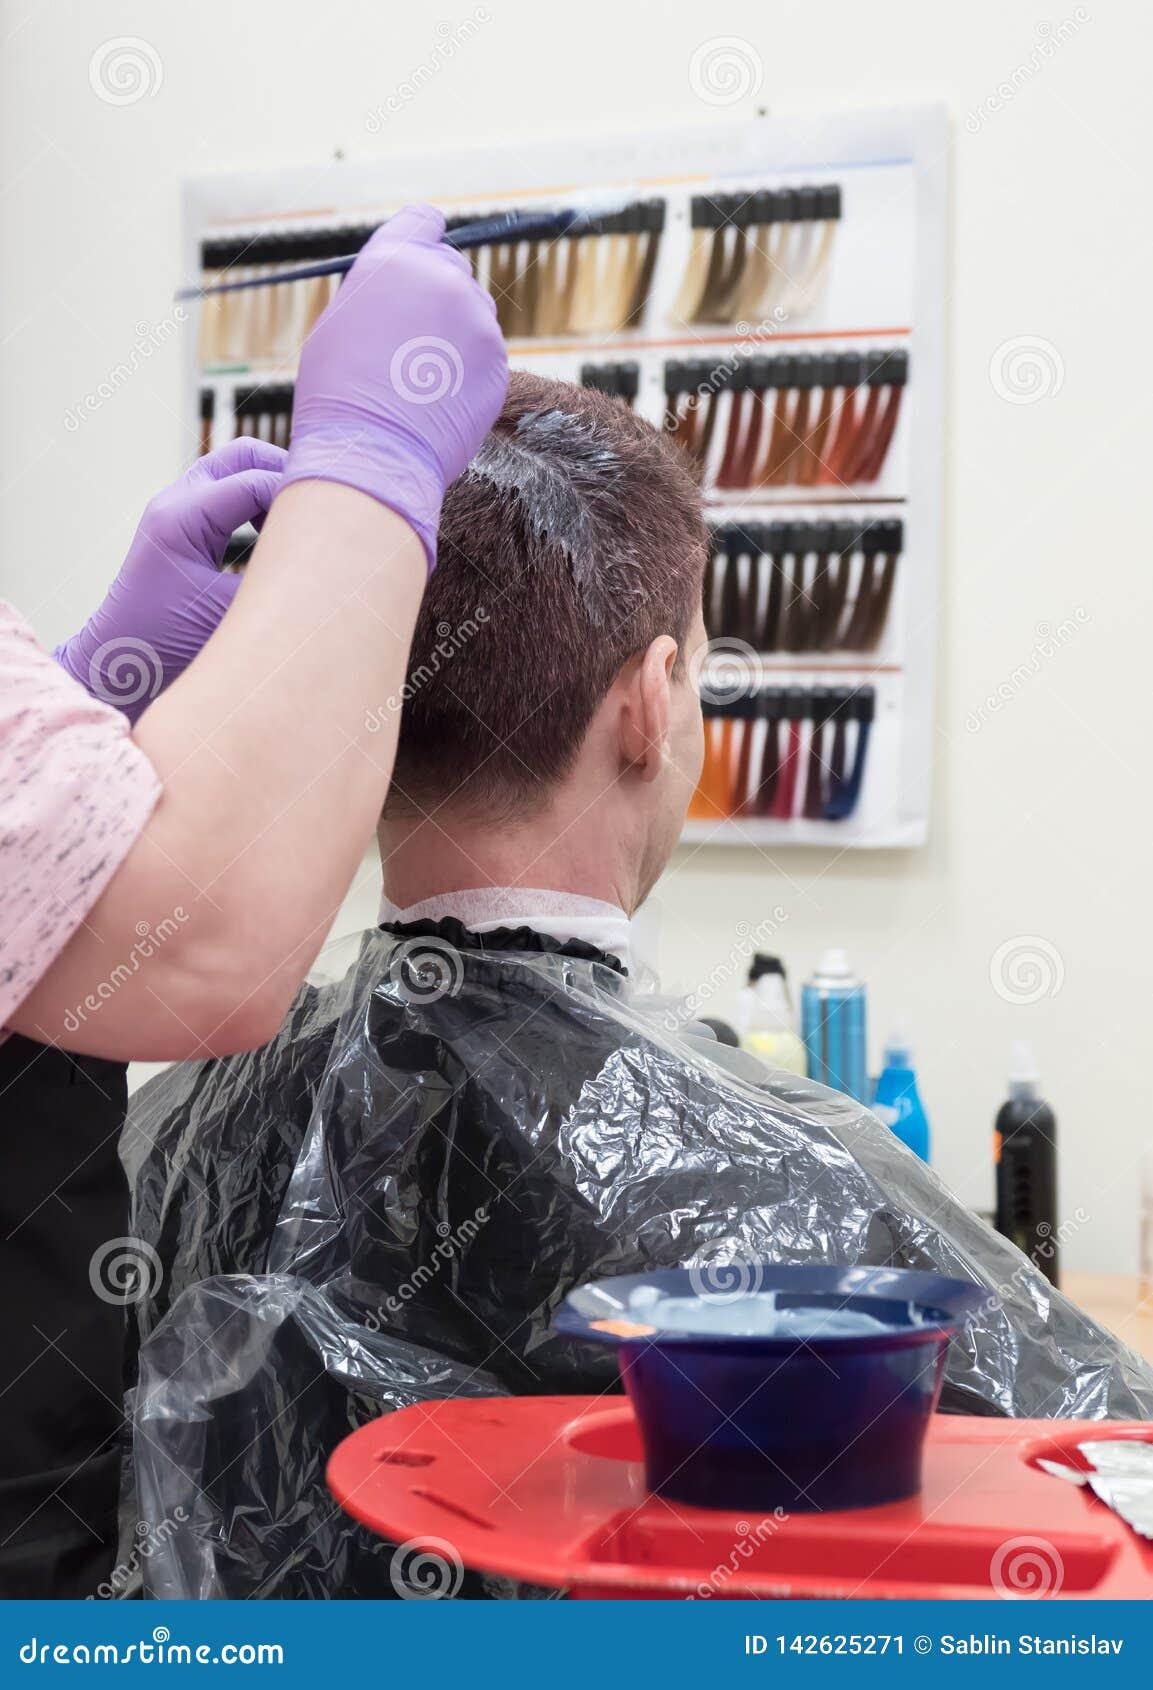 Тонизировать серые волосы на голове человека в салоне красоты